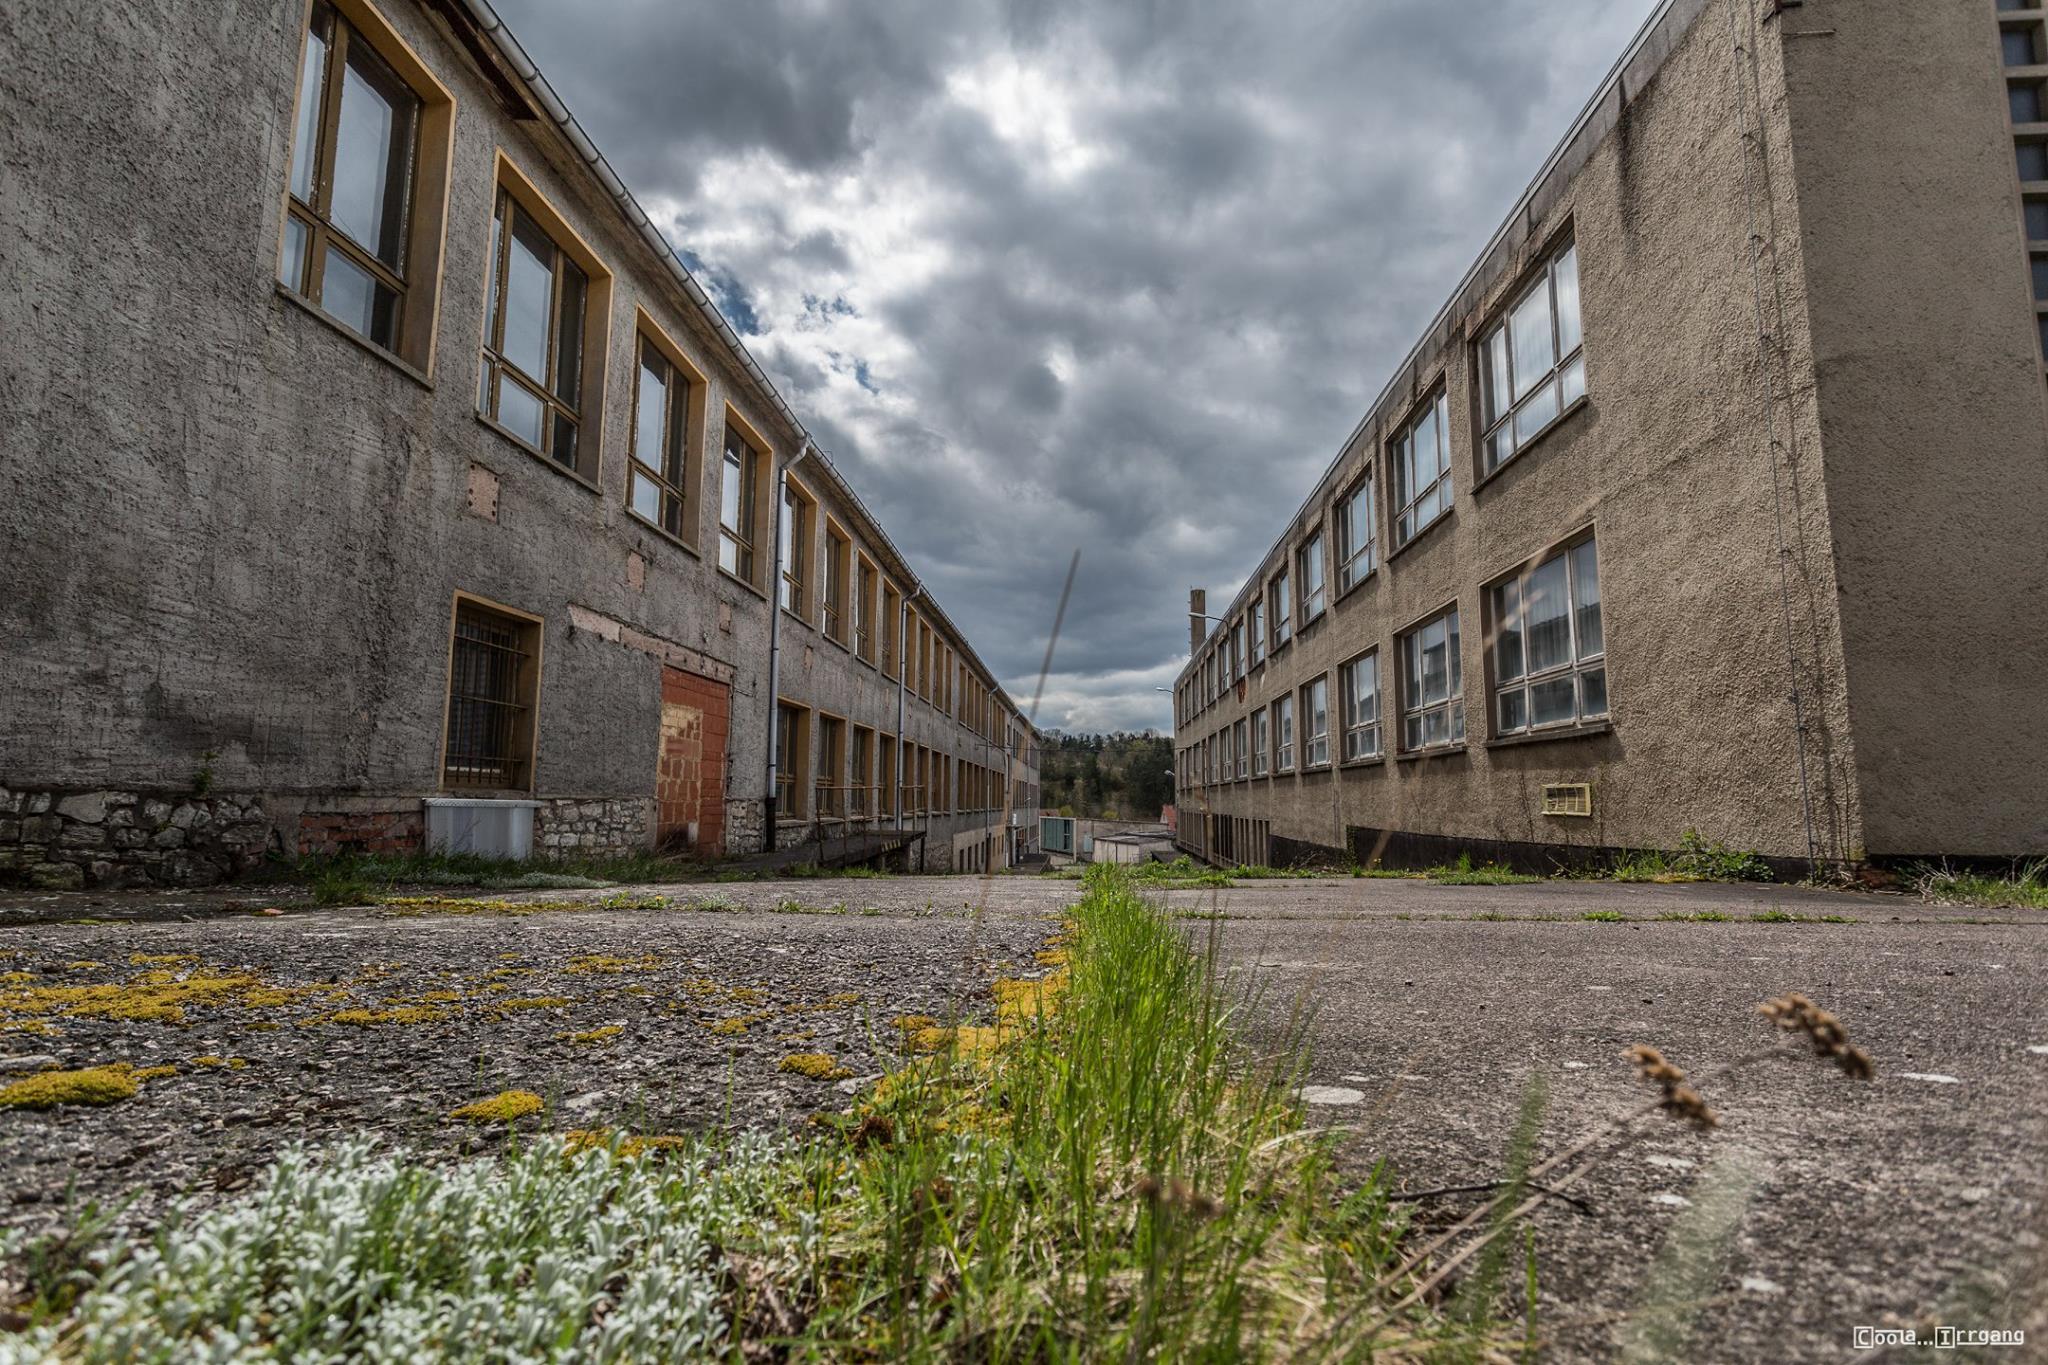 Strumpfwarenfabrik Diedorf08